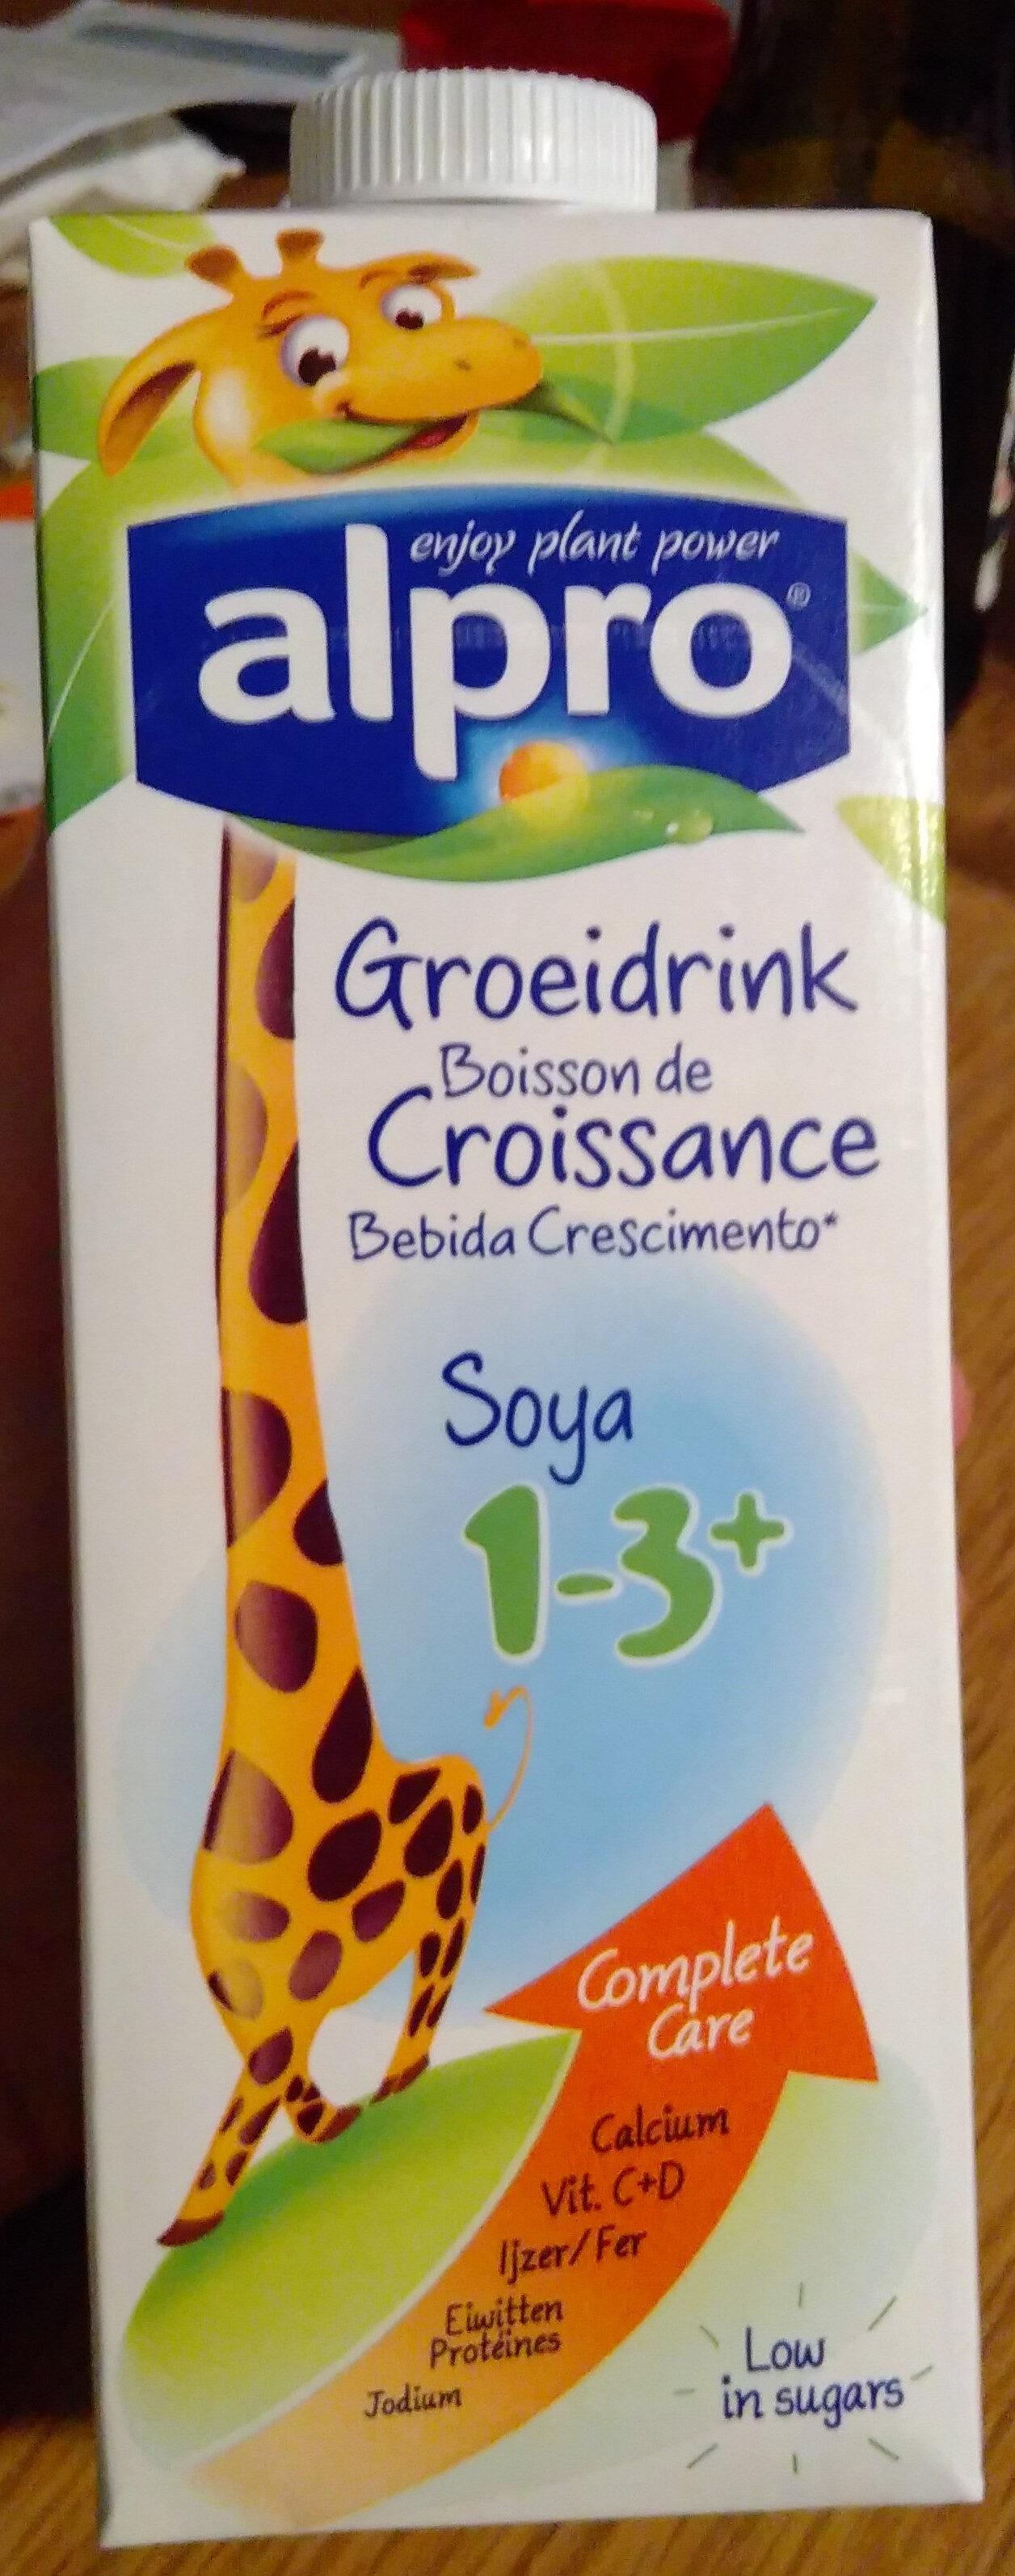 Boisson de Croissance Soya 1-3+ - Produit - fr